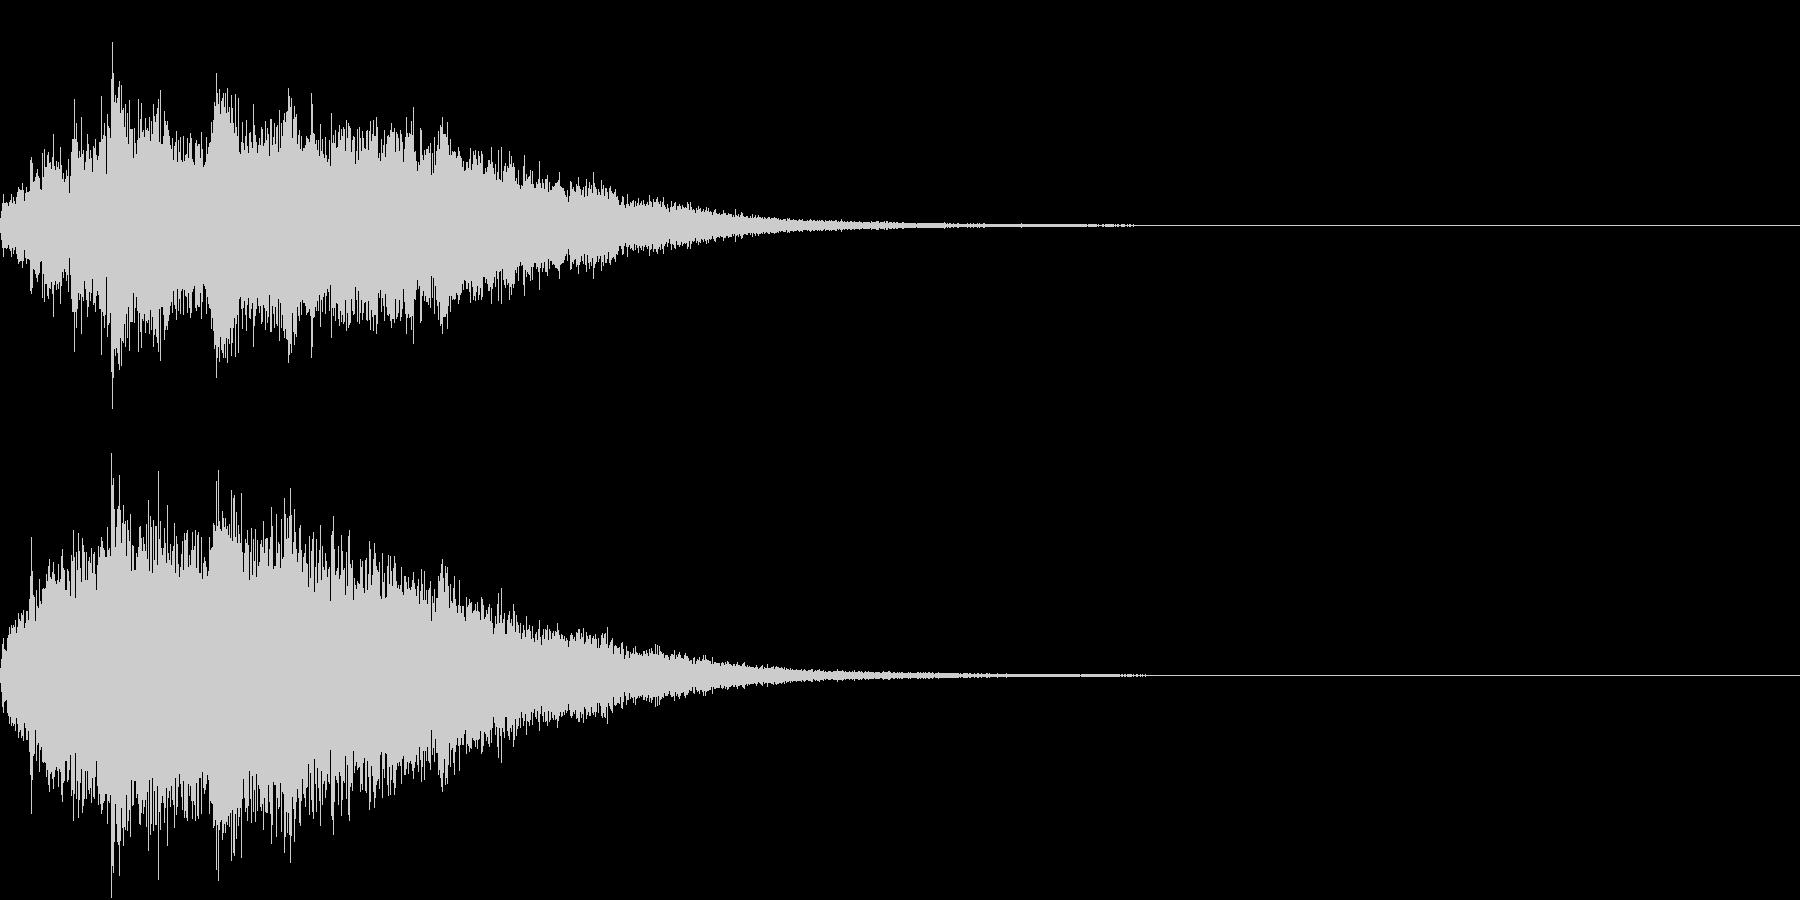 キラキラ 変化 おまじない 魔法 08の未再生の波形